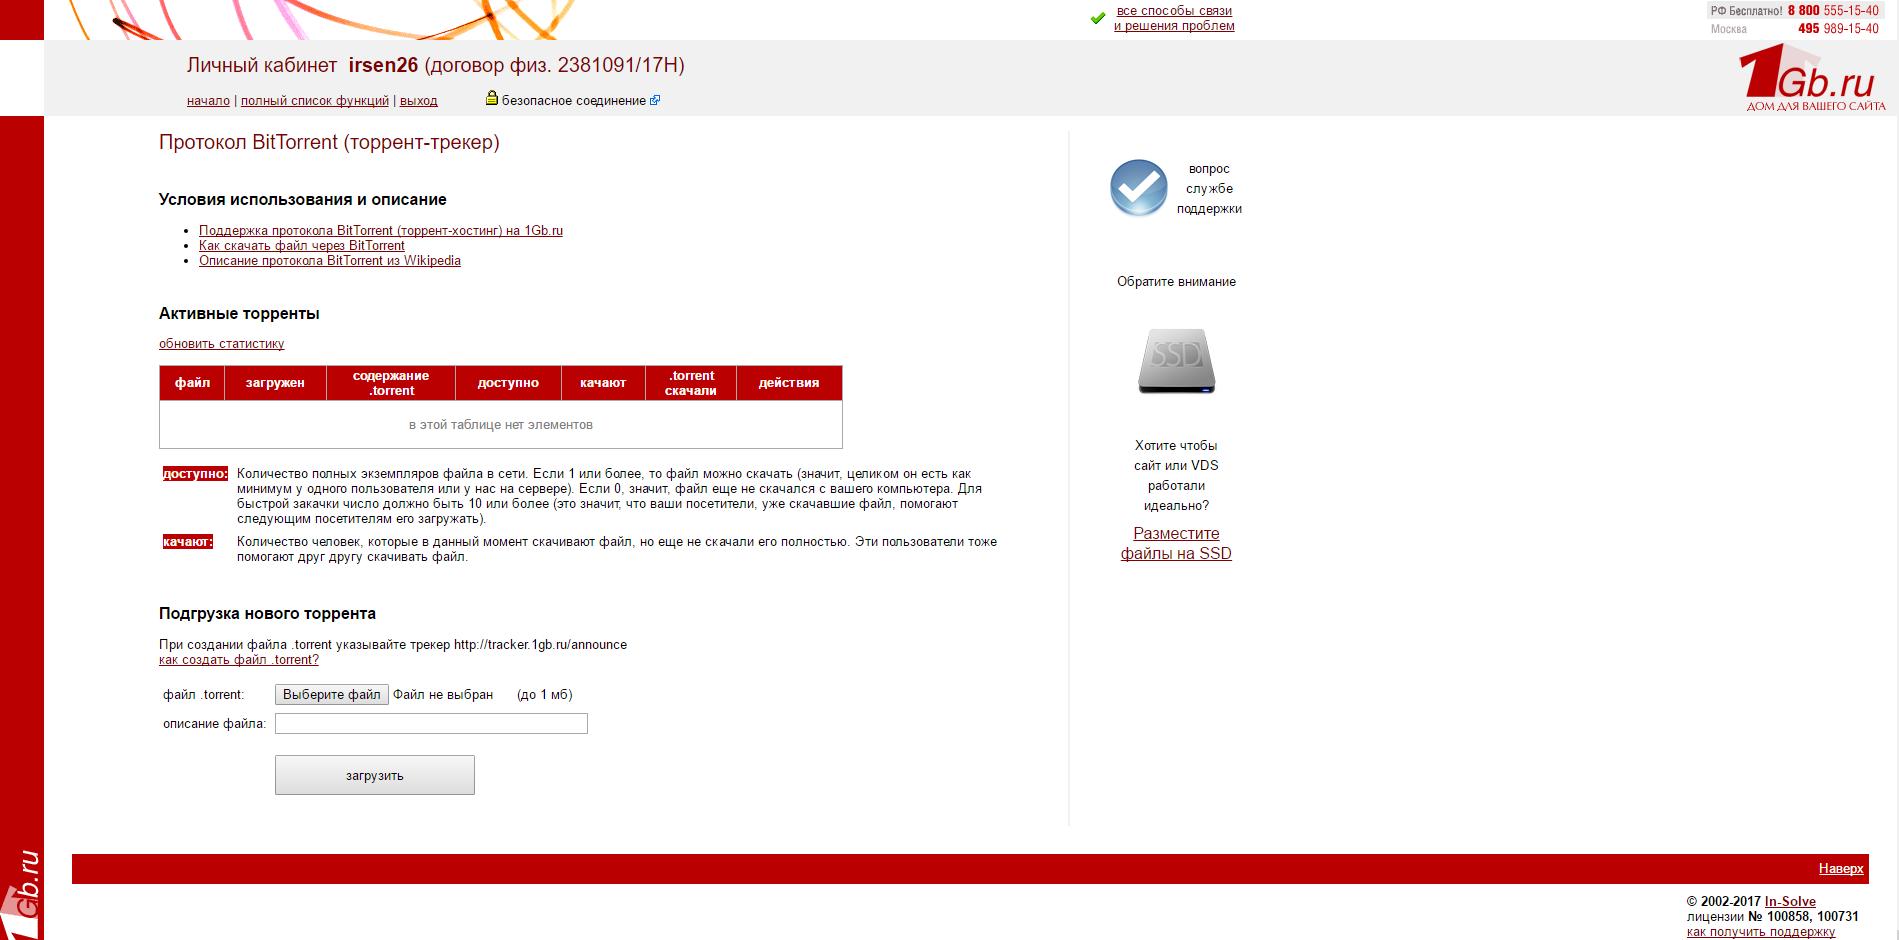 Бесплатный хостинг файлов 1гб бесплатный ру хостинг